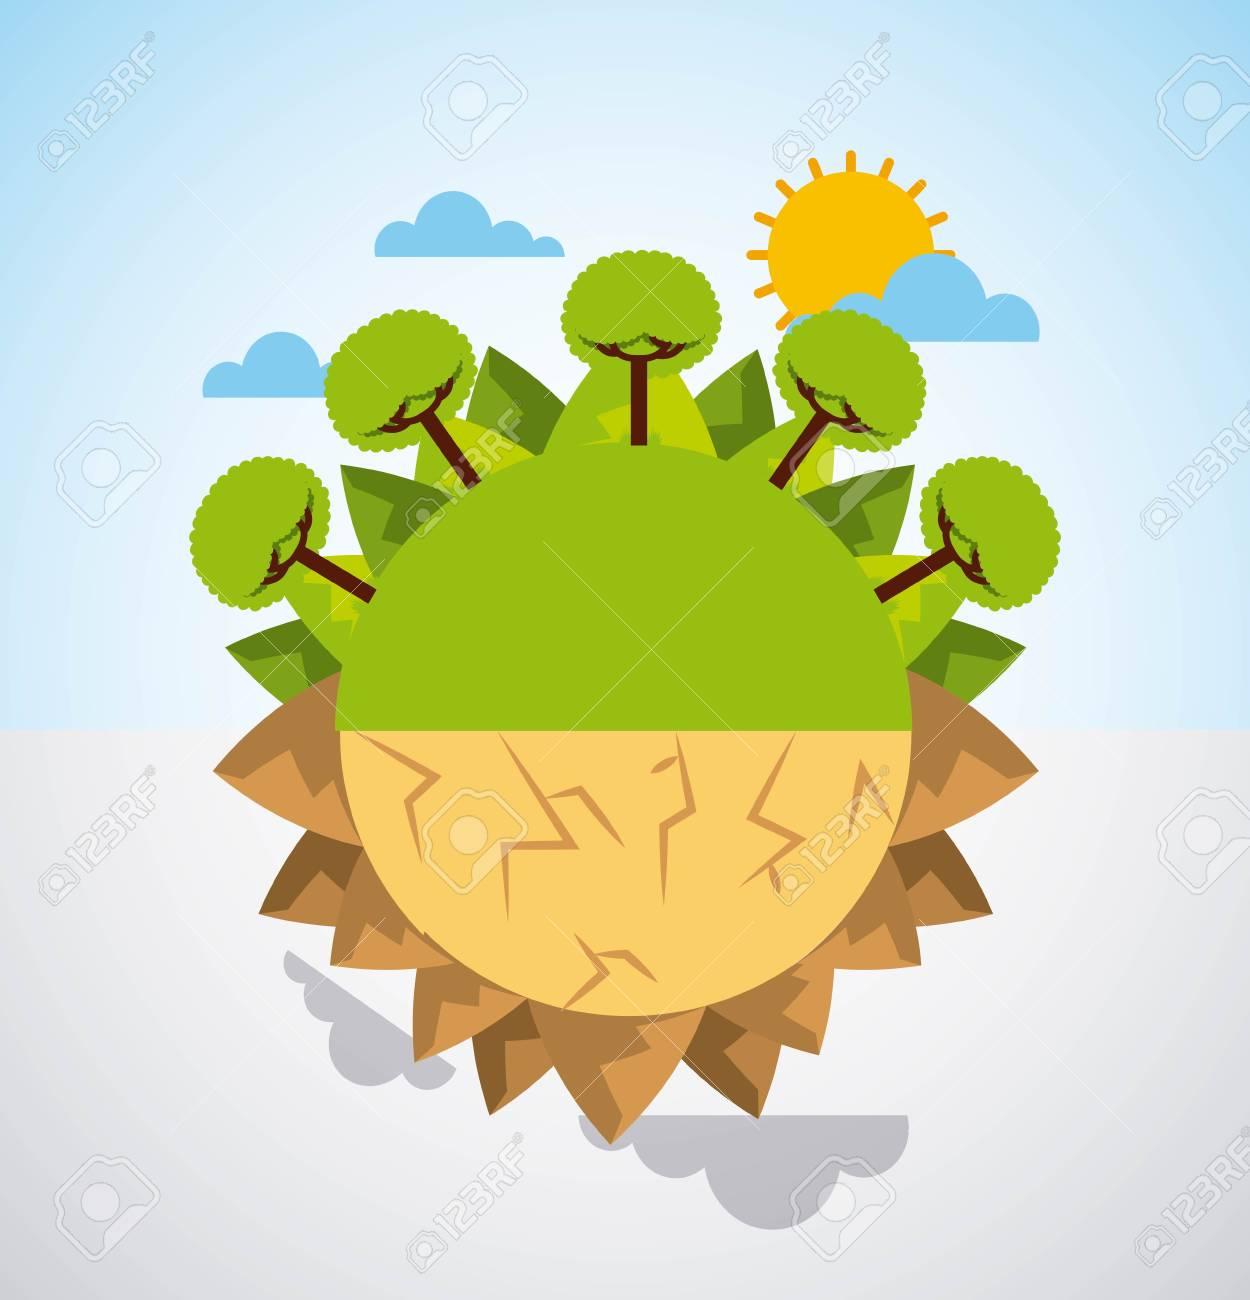 earth divided green landscape and desert scene warning vector illustration - 95908404